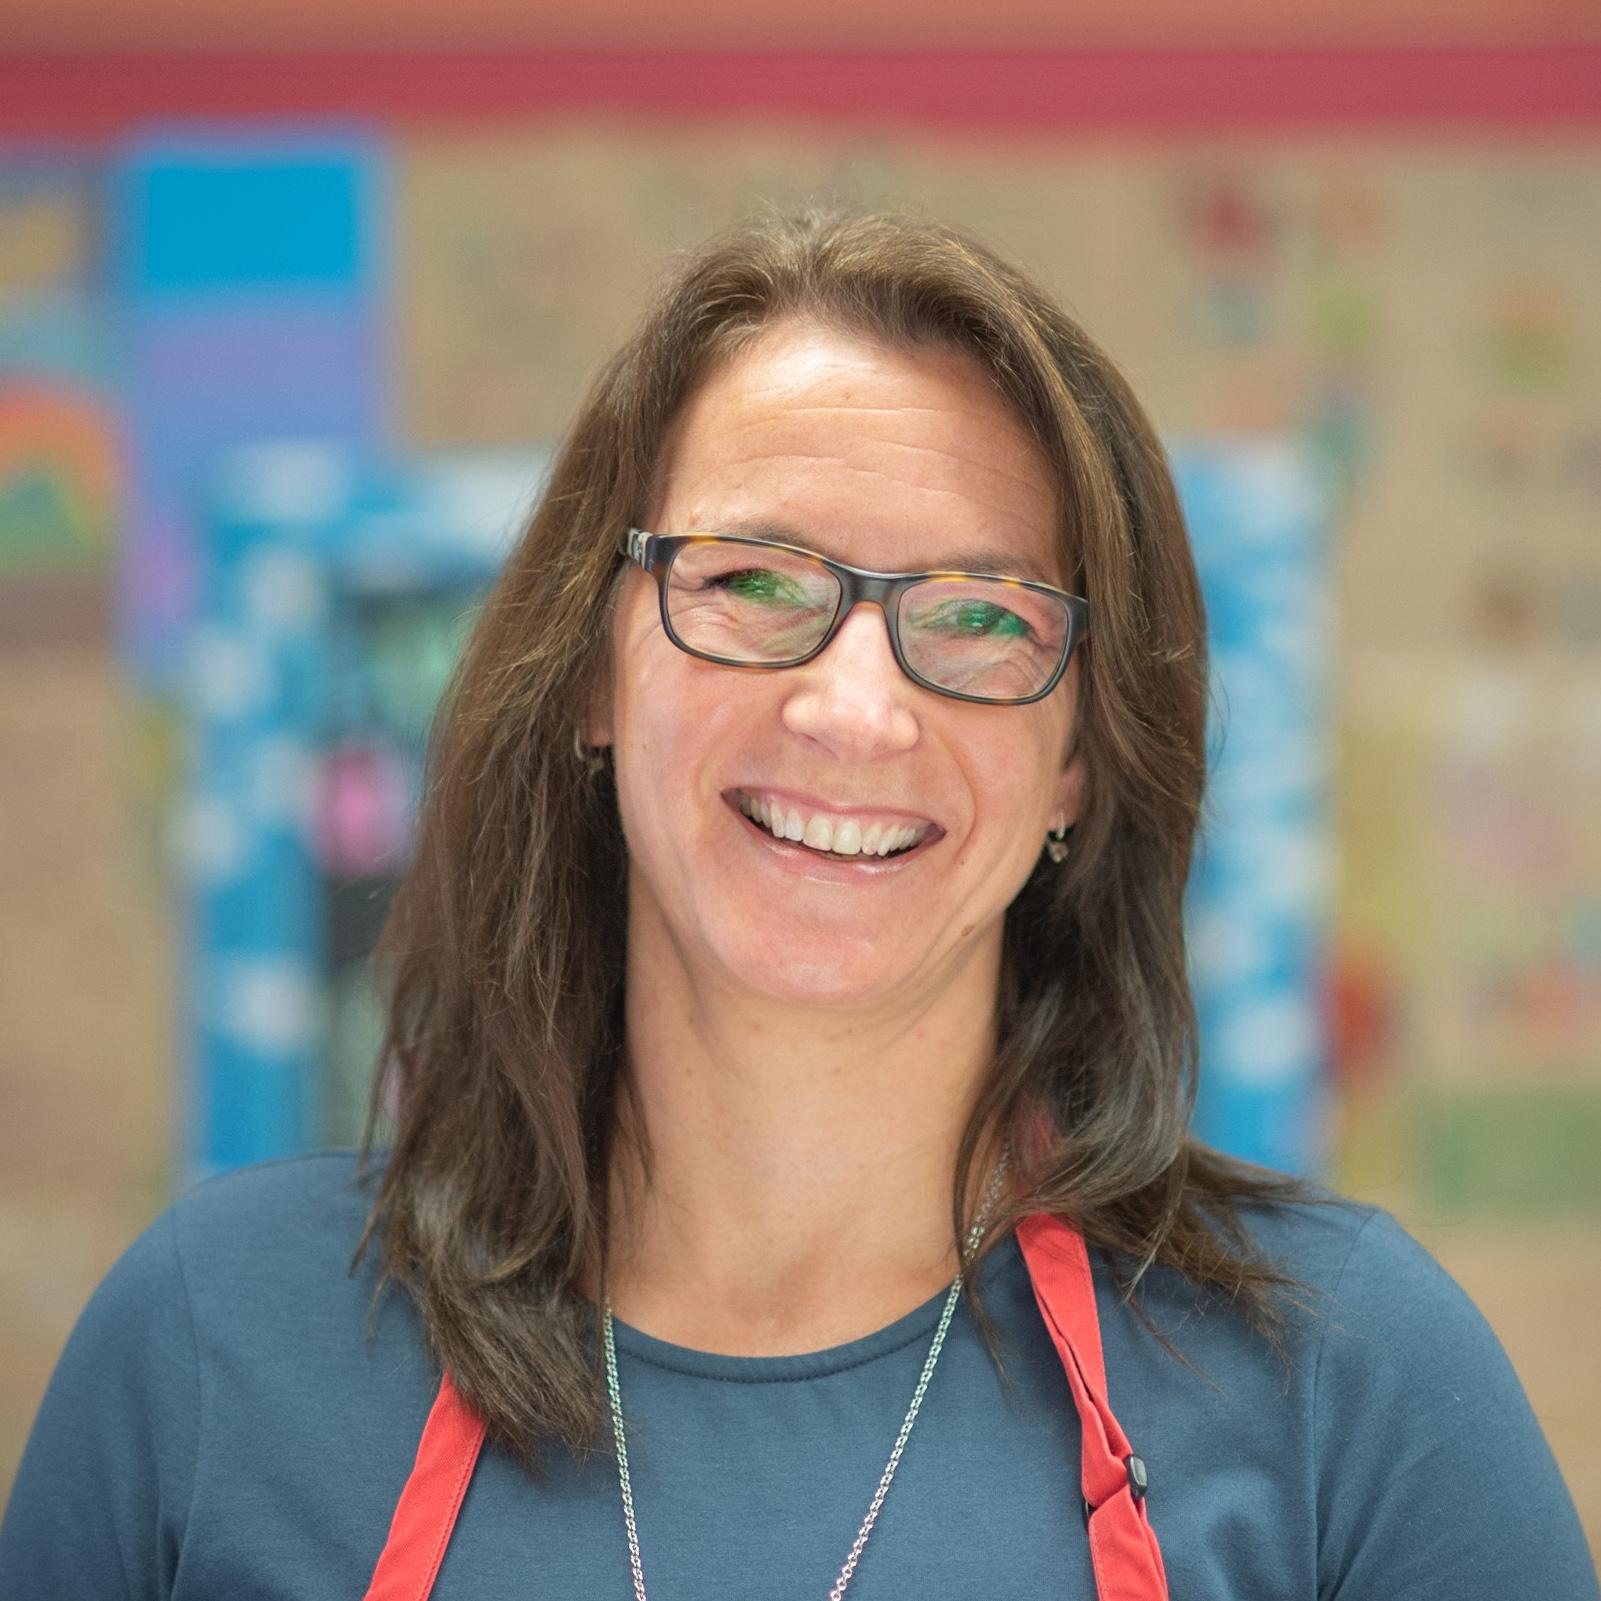 Tanya Koshowski